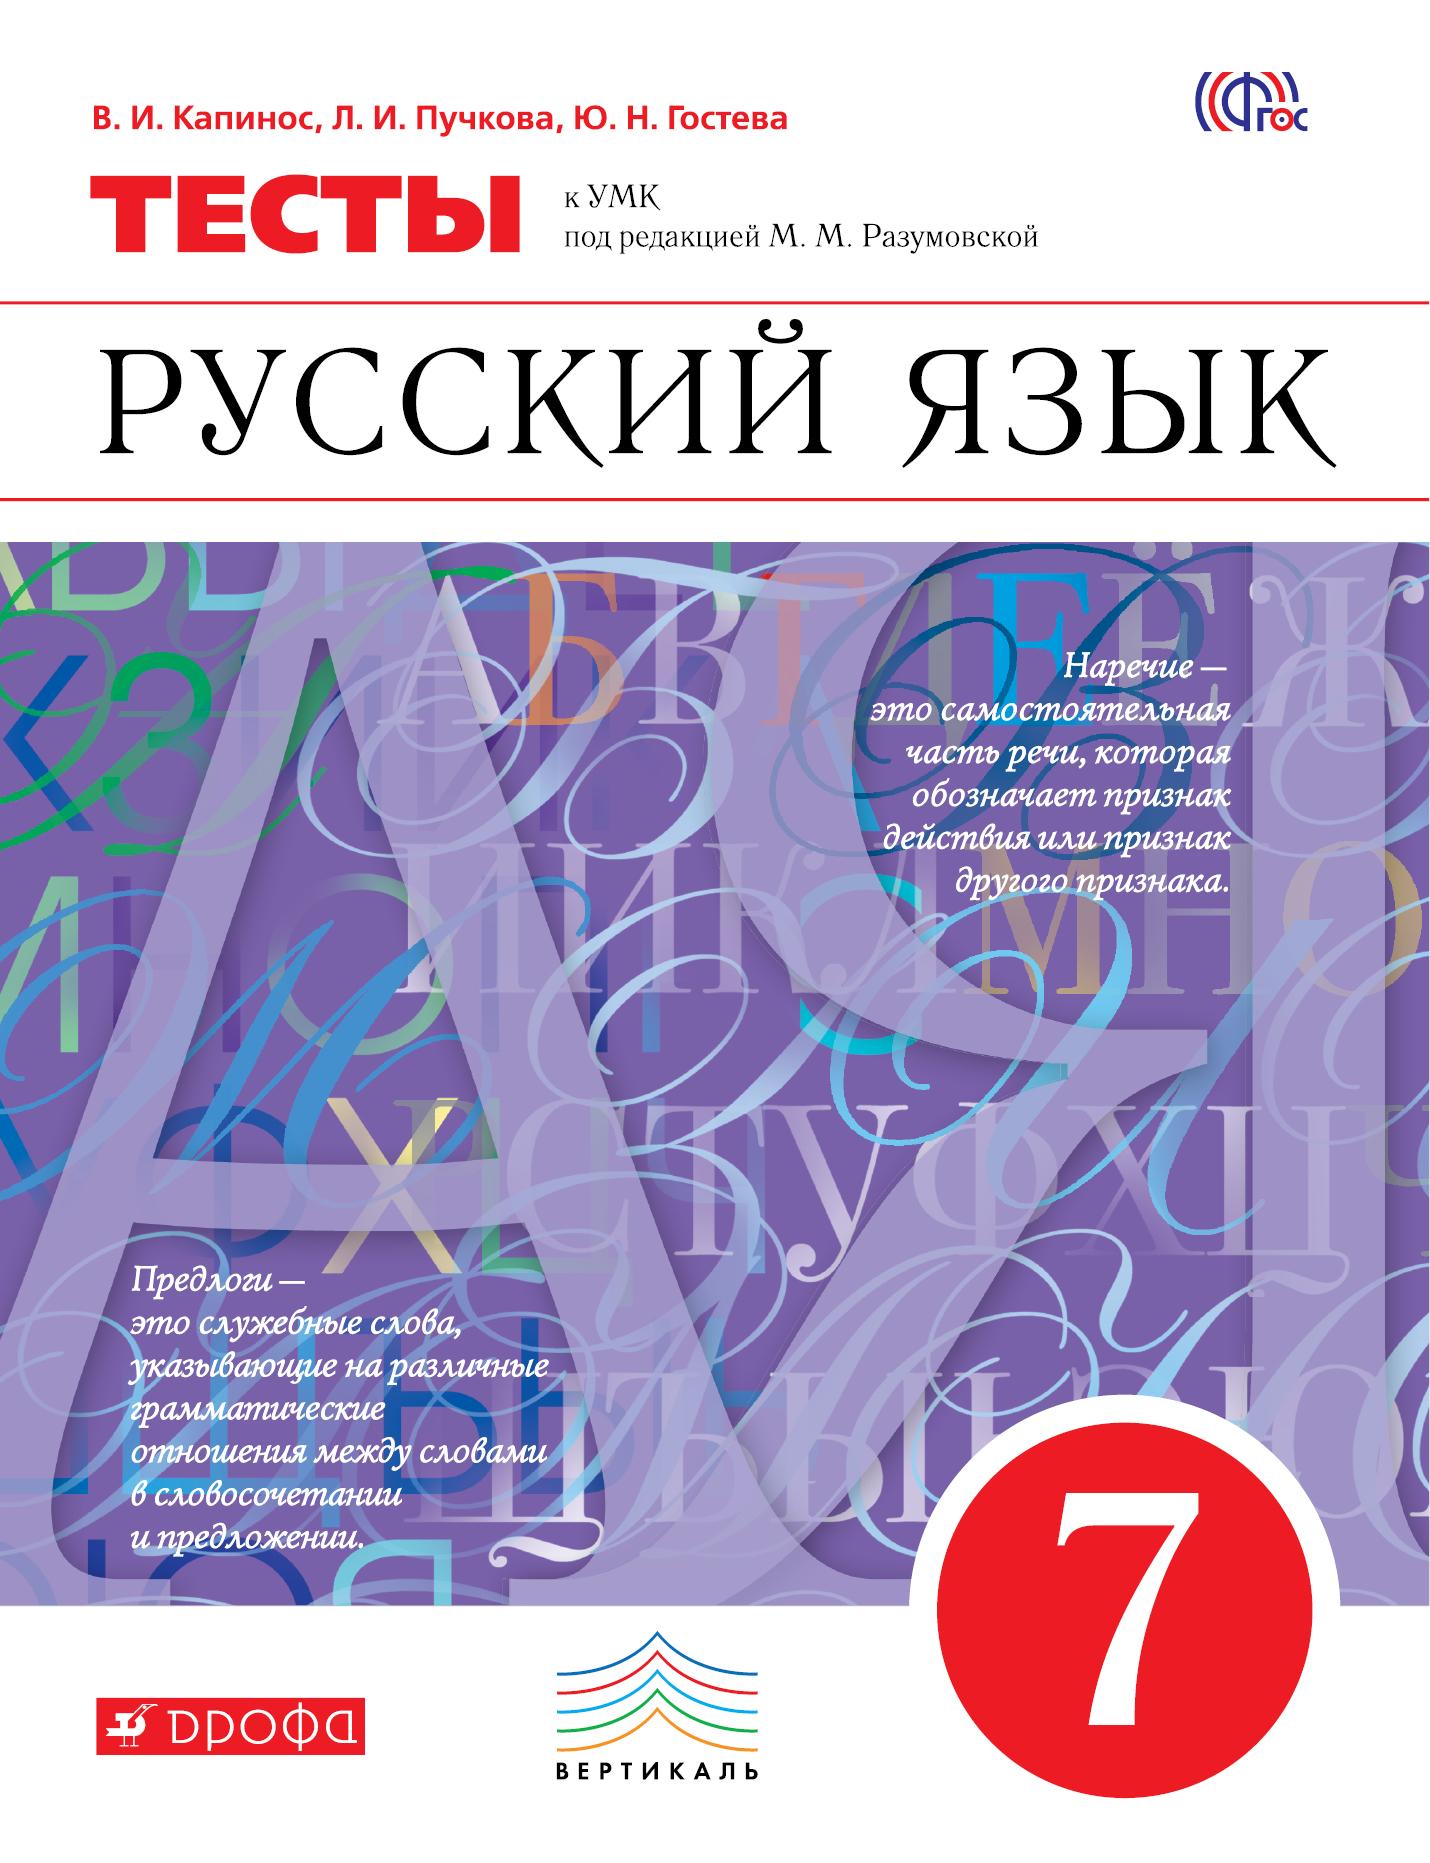 В. И. Капинос, Ю. Н. Гостева, Л. И. Пучкова Русский язык. 7 класс. Тесты